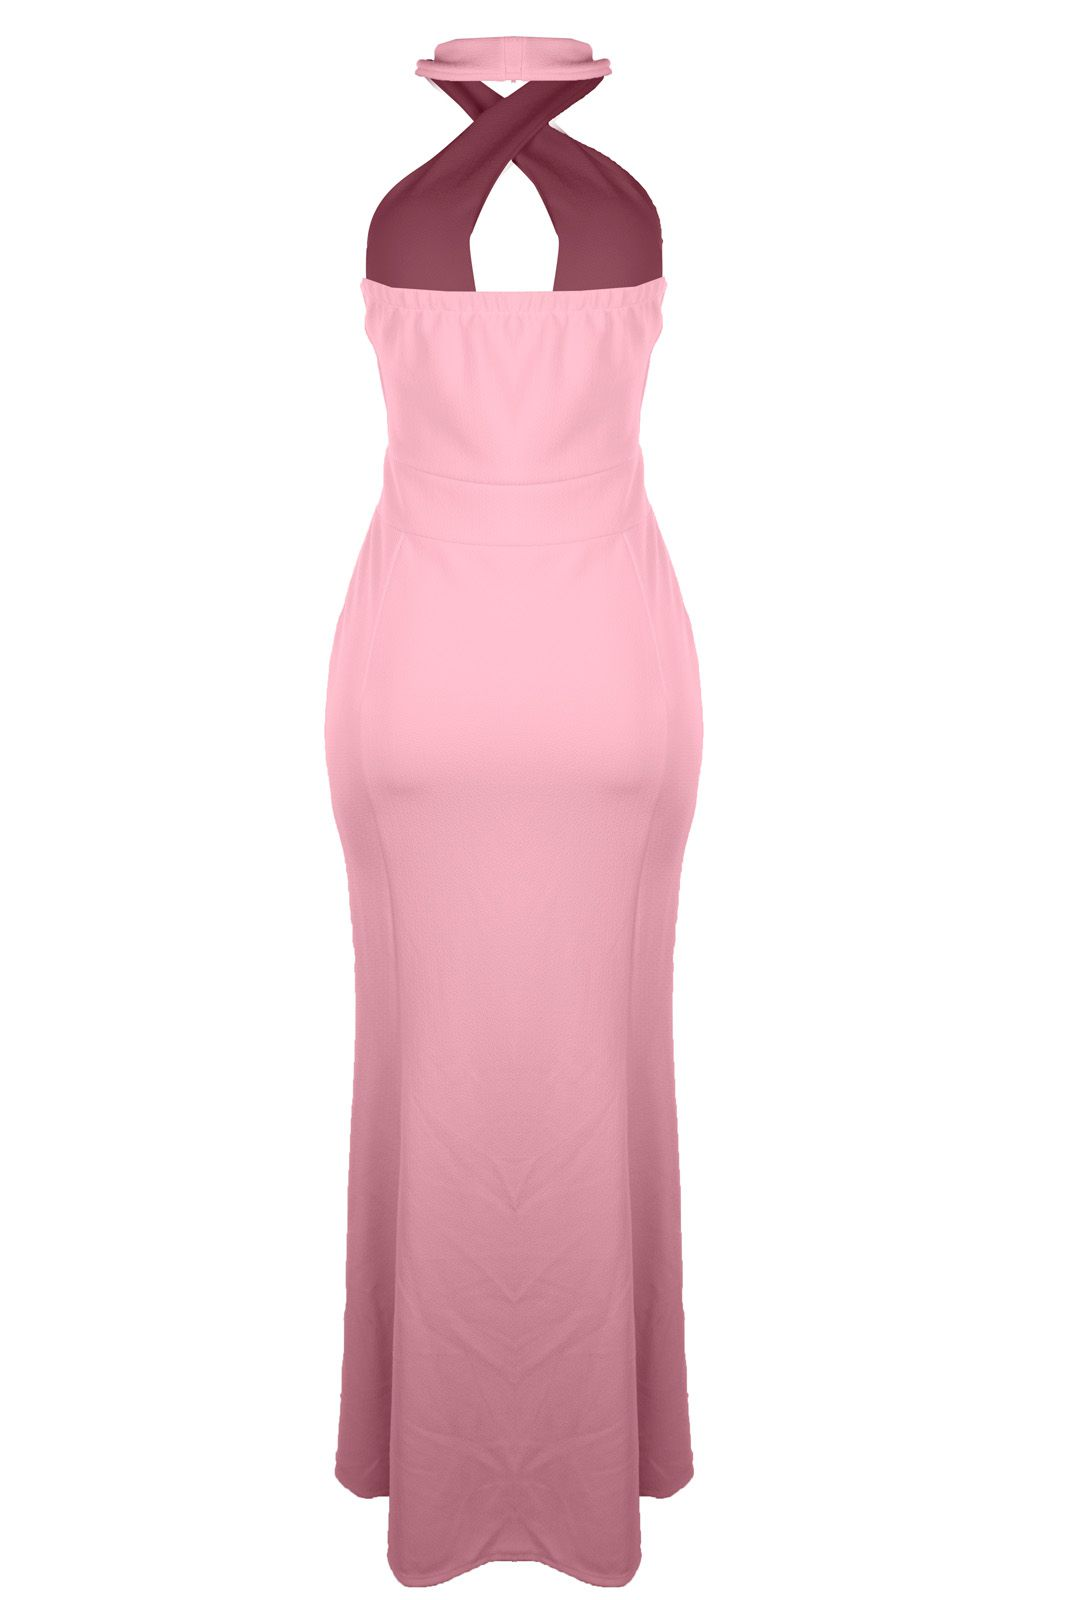 Vestido Outlet Dri Crepe Frente Única Longo Tubinho Decote Gota Fenda Rosa Bebê